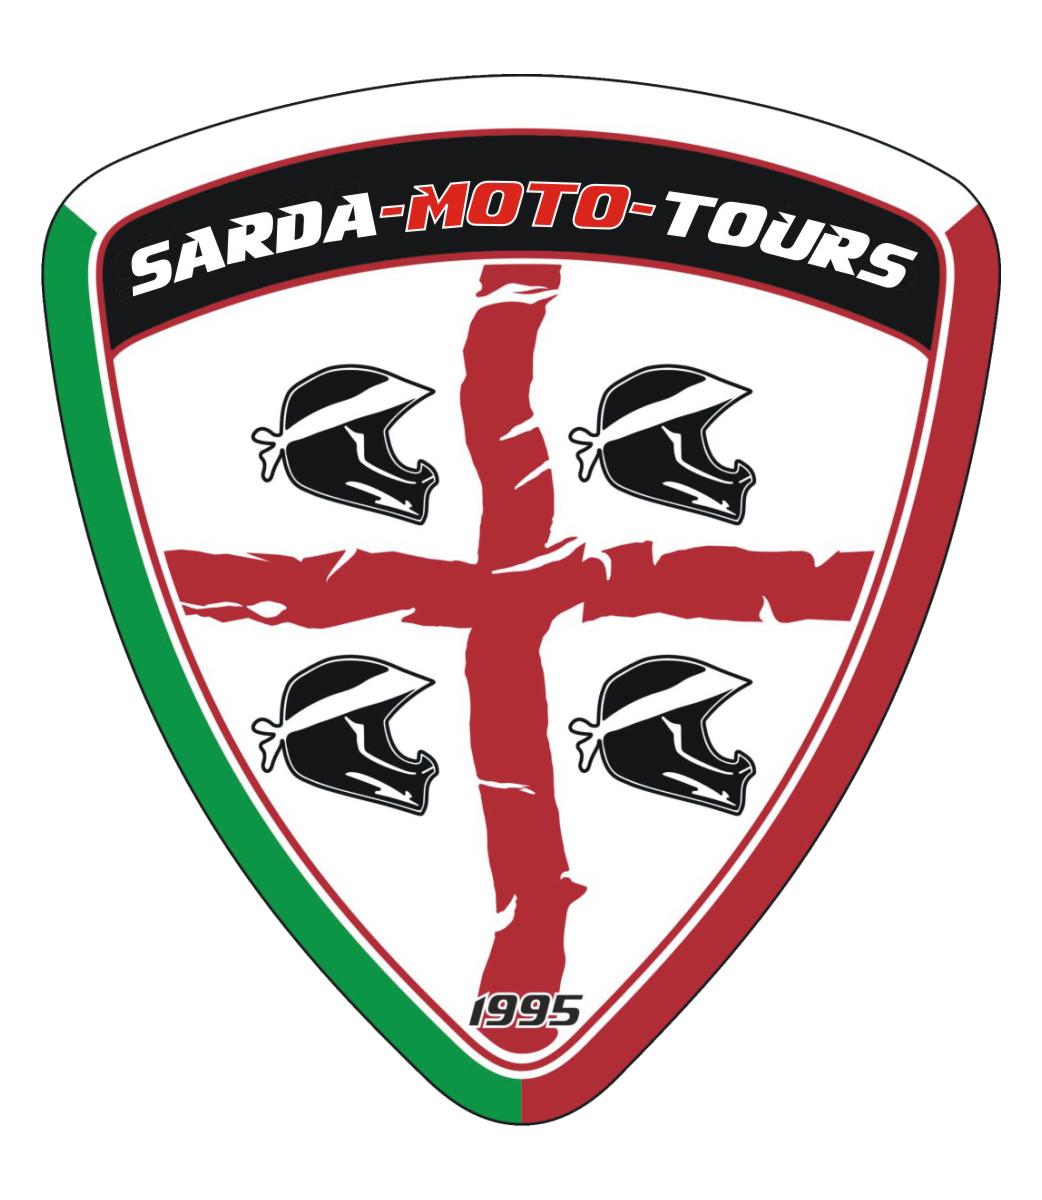 sarda-moto-tours